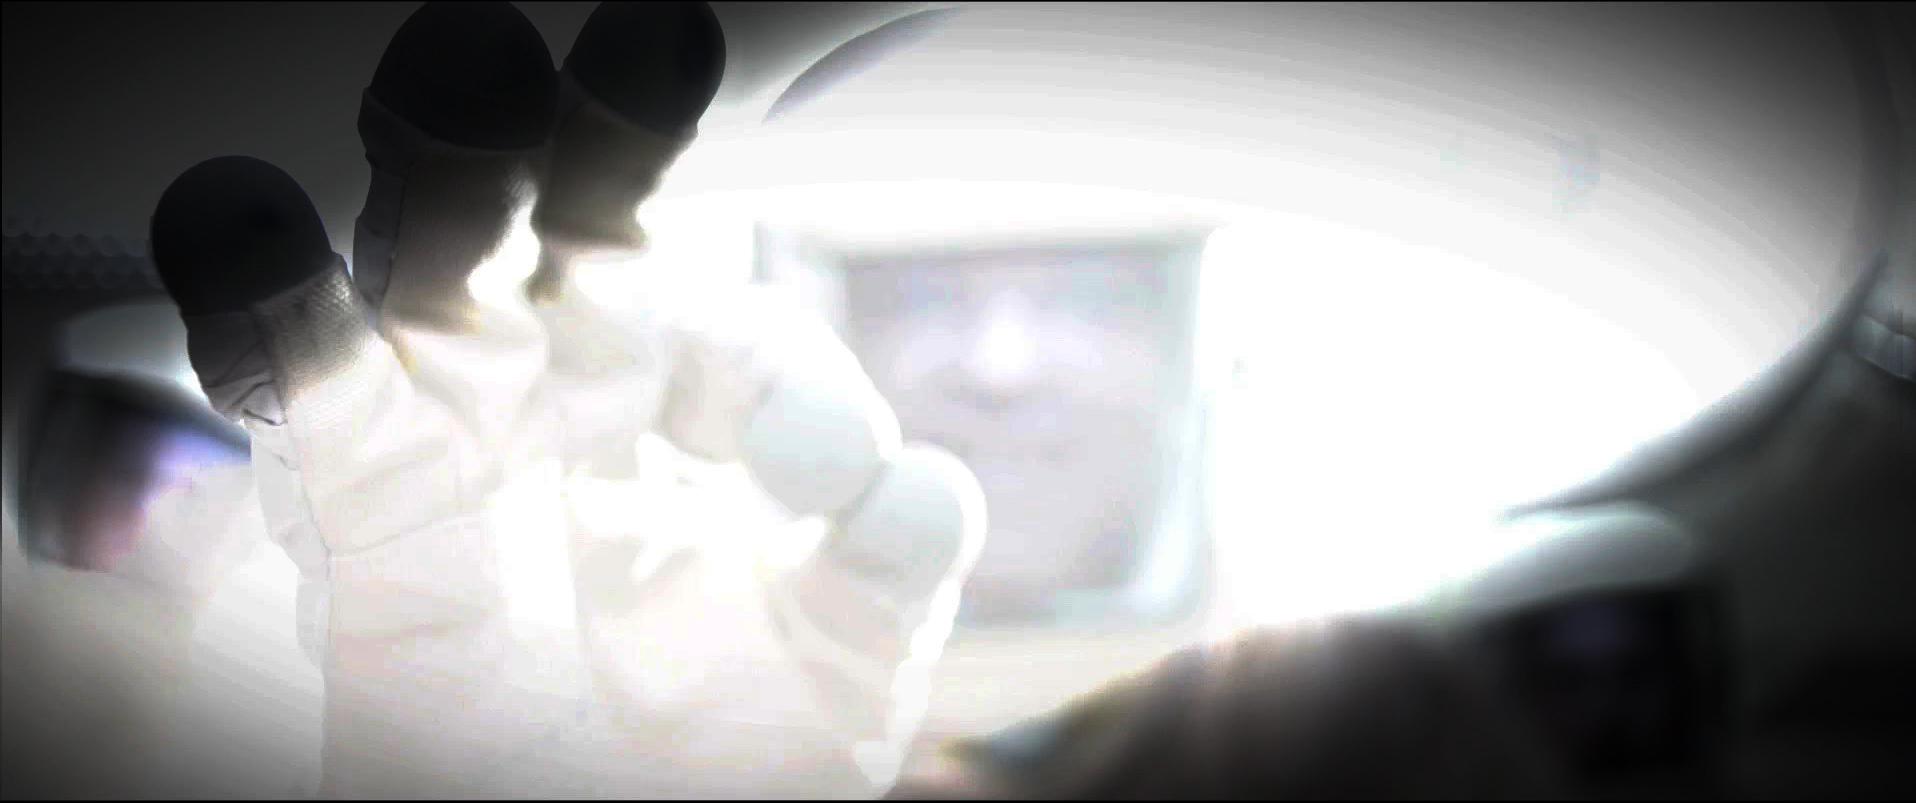 кадры из фильма Сигнал